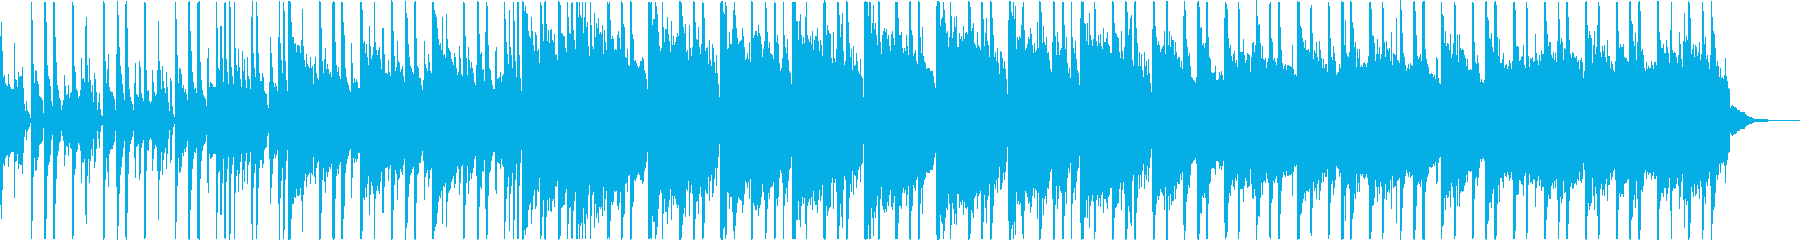 大人の雰囲気のシティファンクBGMの再生済みの波形